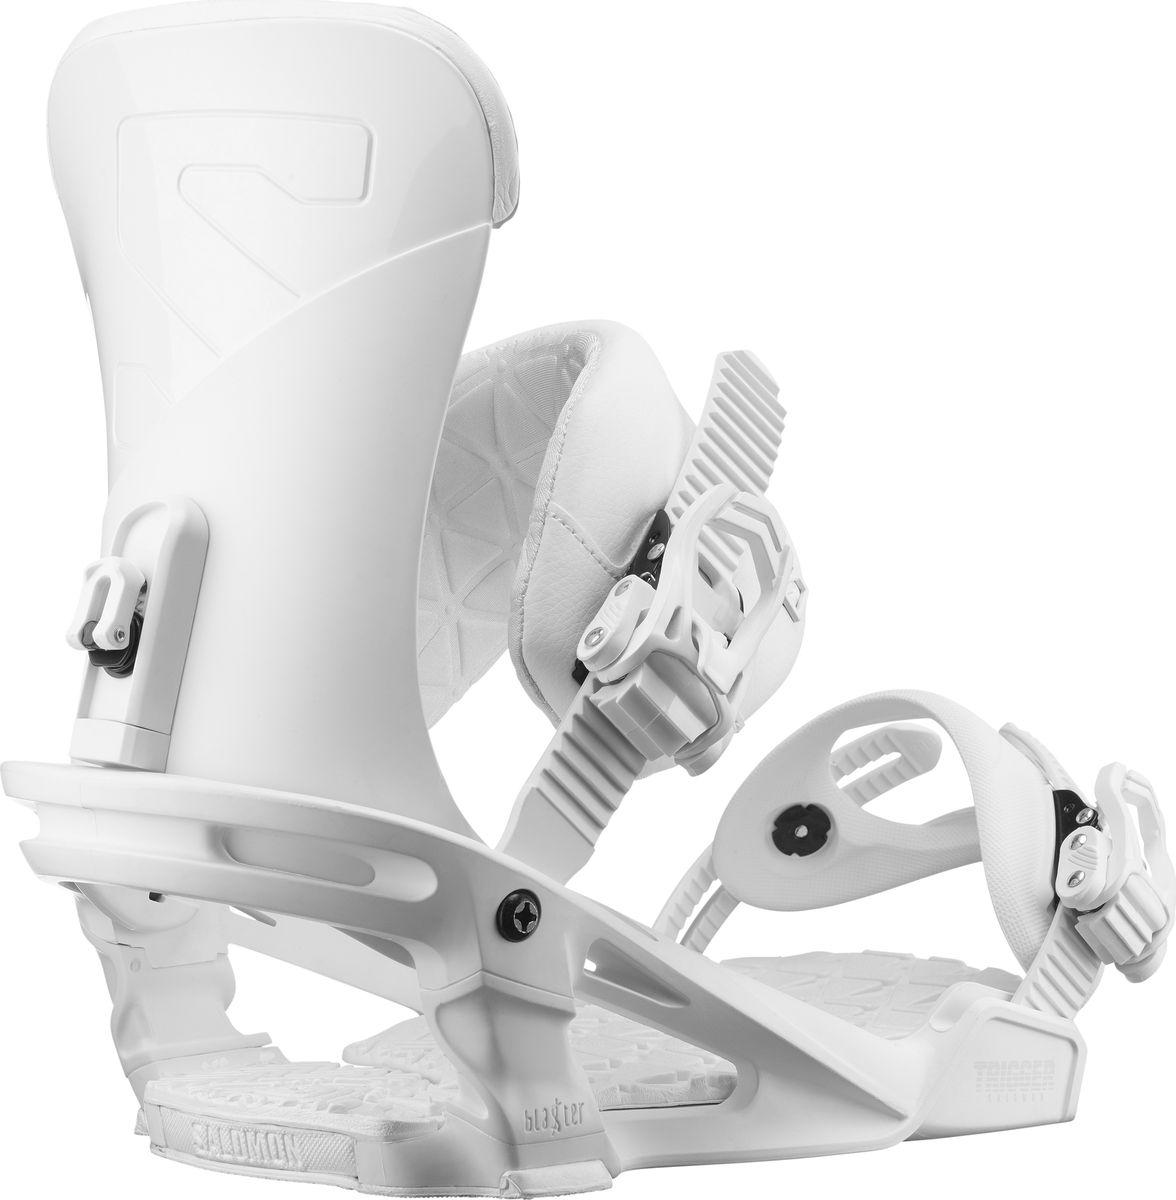 Разработанные для Криса Гренье (Chris Grenier), который даже из минипайпа готов вырваться в стратосферу, крепления Trigger оснащены технологией Blaster- интуитивной системой соединения для фристайла и джиббинга, созданной для работы в качестве динамической подвески, гасящей удары и обеспечивающей плавное катание с большей степенью свободы боковых движений. Крепления имеют все необходимое: базовую пластину Blaster, стрепы 3D Prime, передние стрепы Lock-In Deluxe, систему трещотки MP и новый анатомический хайбэк, разработанный для таких мастеров, как Грендис.